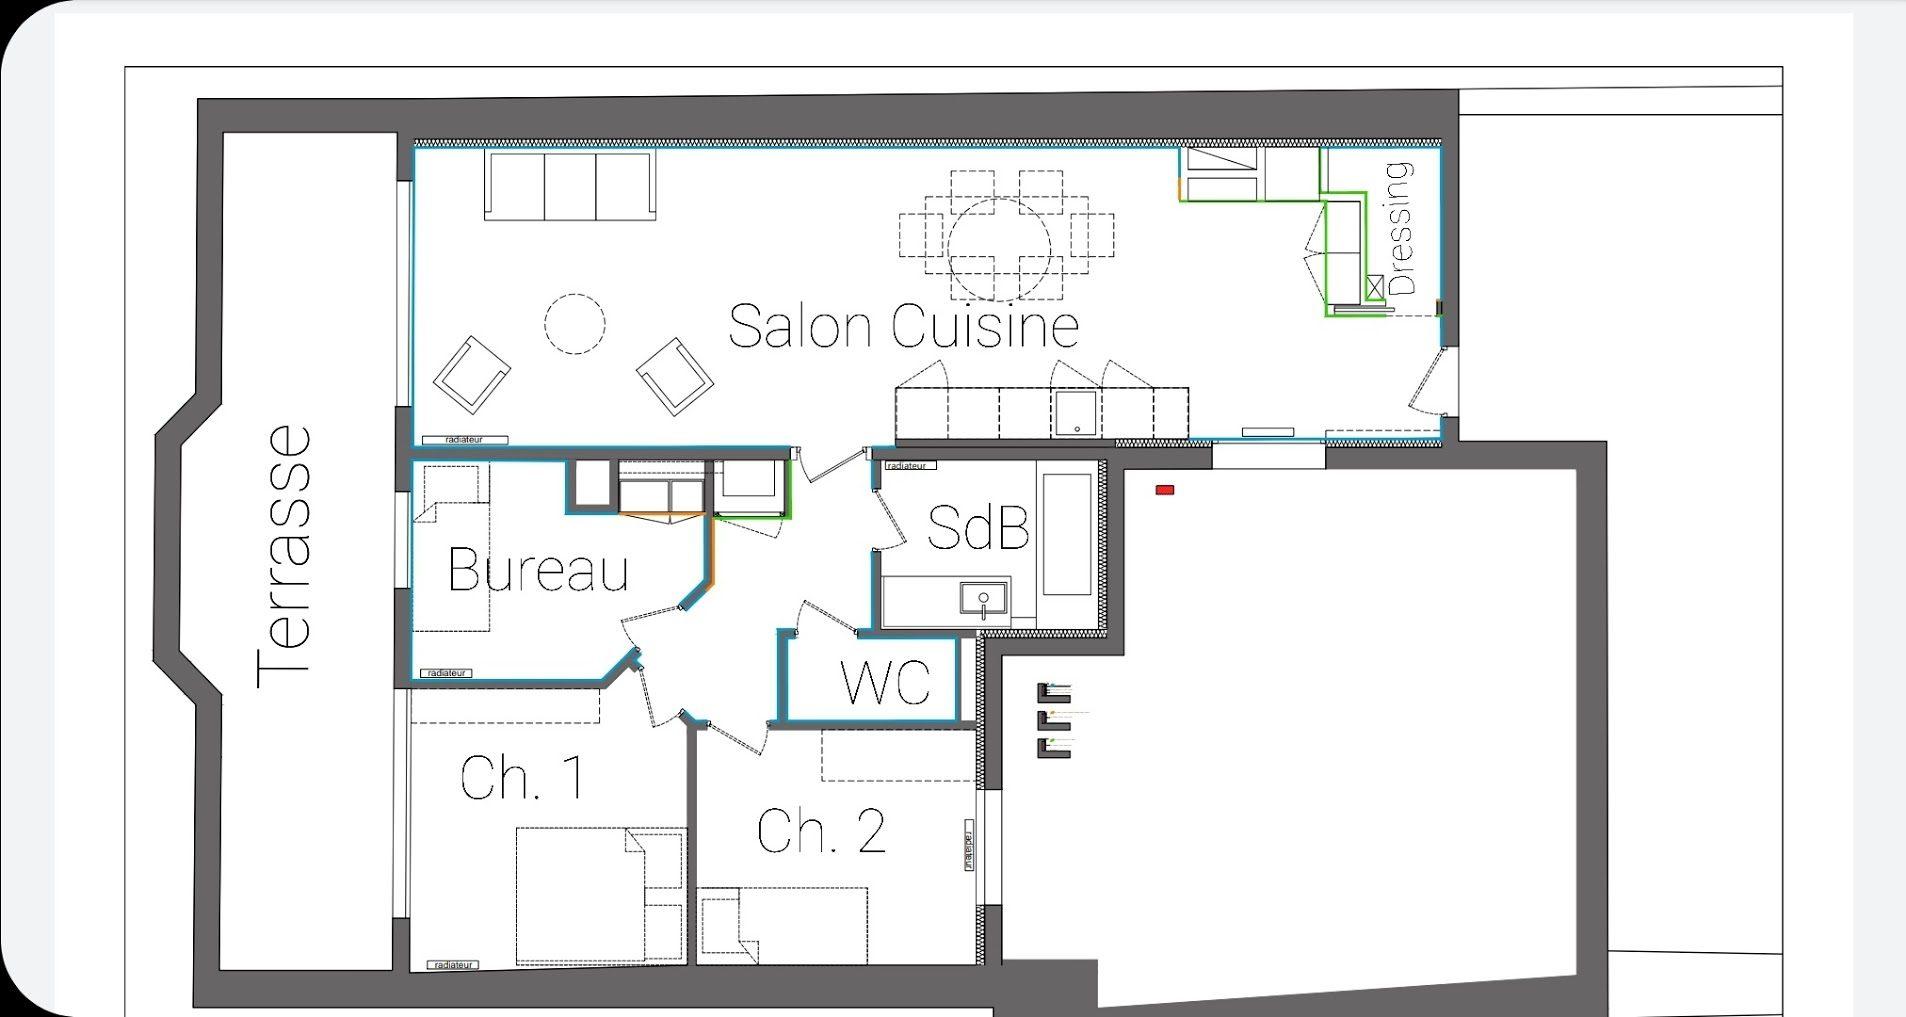 4 PIECES MEUBLE AVEC TERRASSE HYPER-CENTRE - Devenez locataire en toute sérénité - Bintz Immobilier - 2